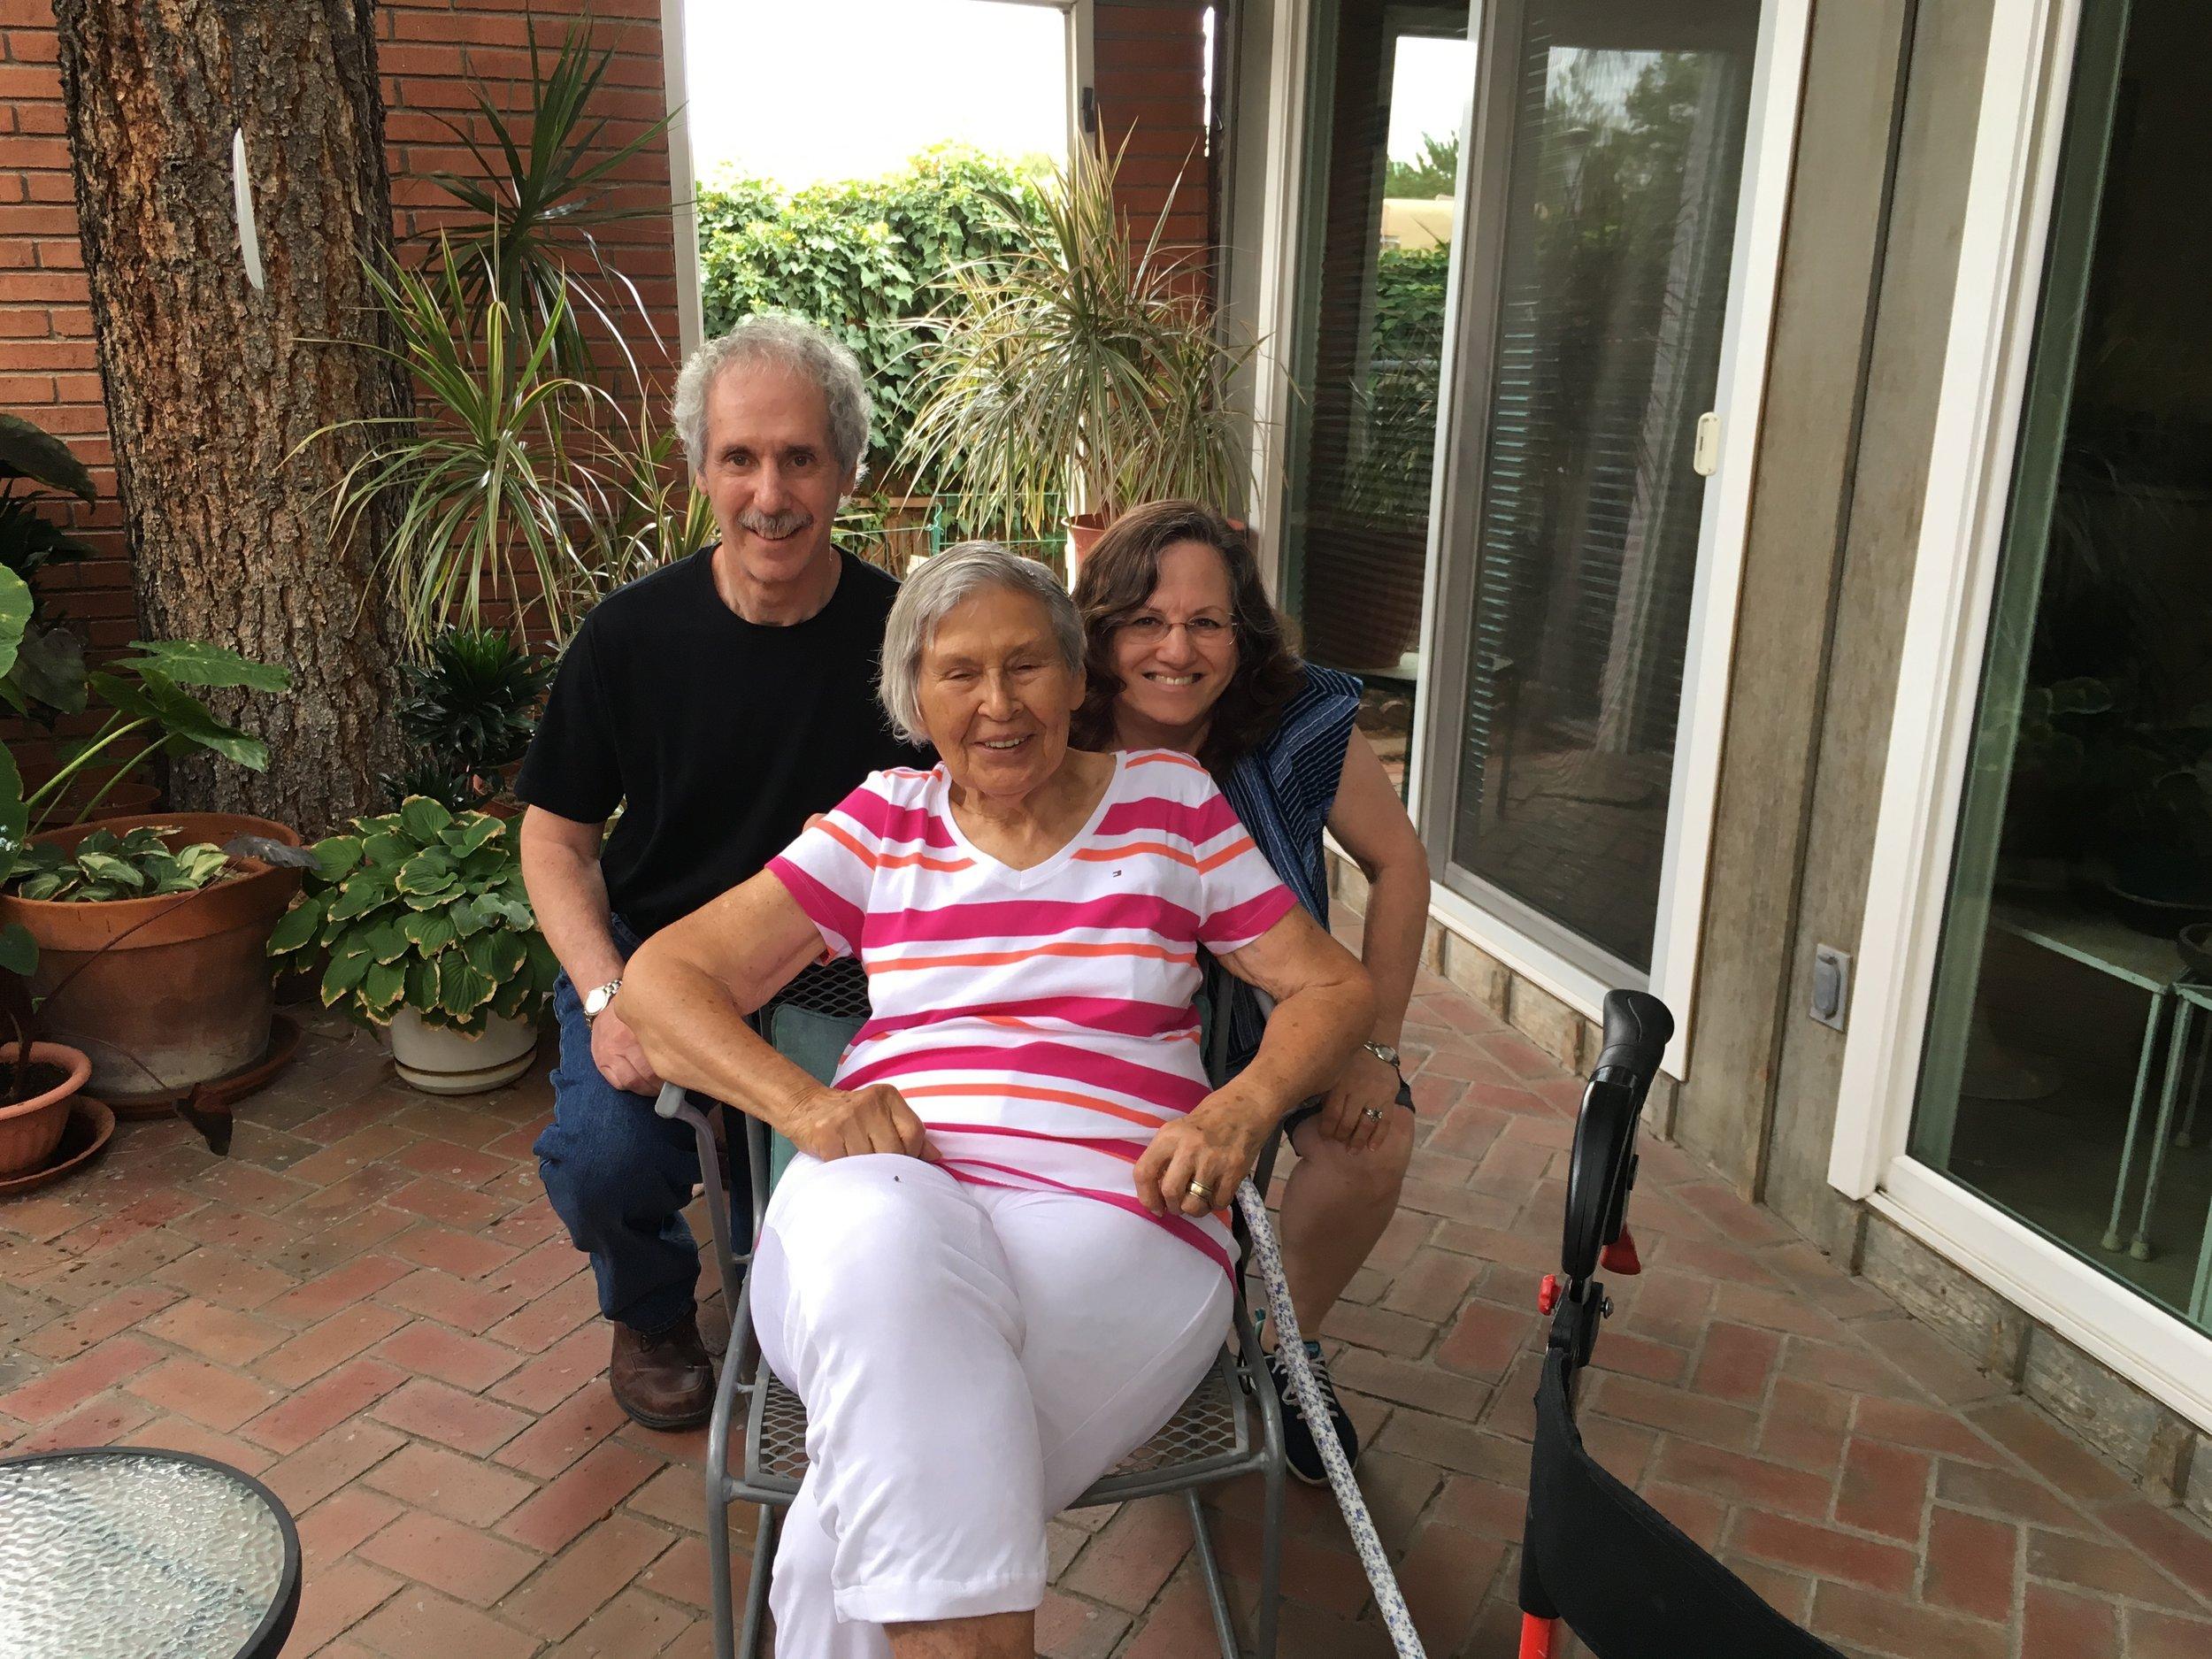 Arnee Cohen, Zelda Danziger and me August 2016 Albuquerque, NM